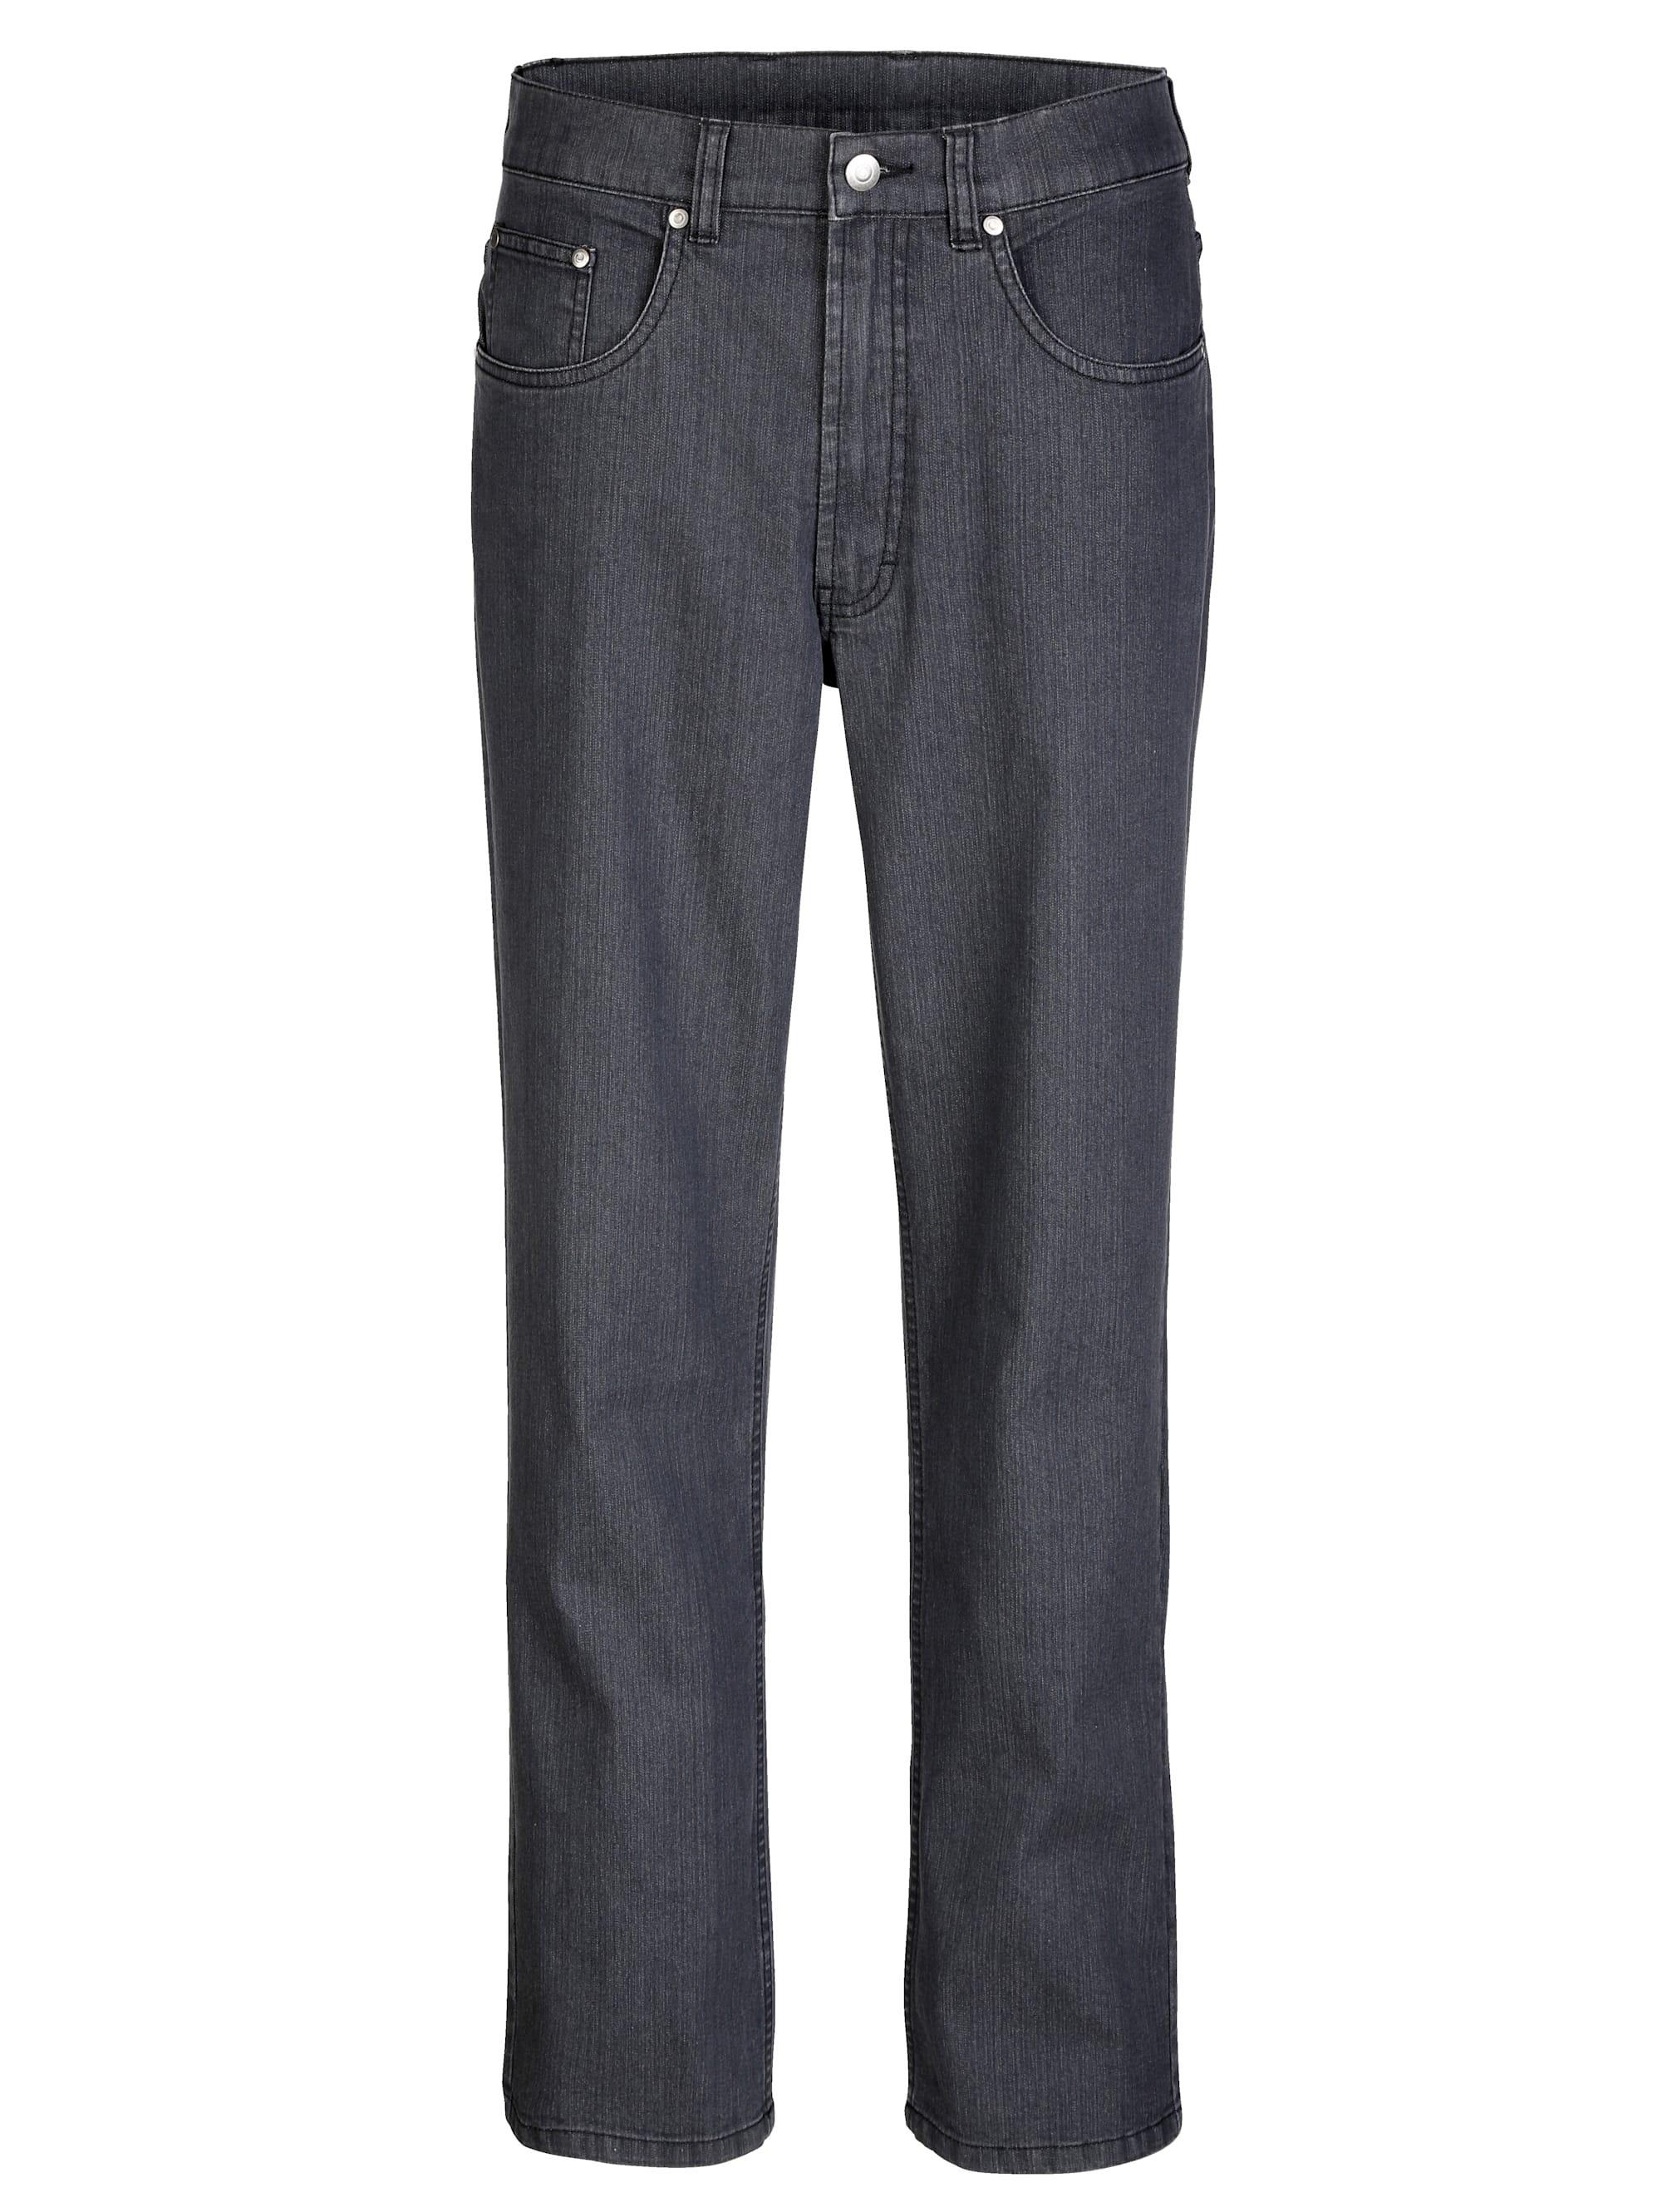 Roger Kent 5-Pocket Jeans mit Gürtelschlaufen grau Herren Straight Fit